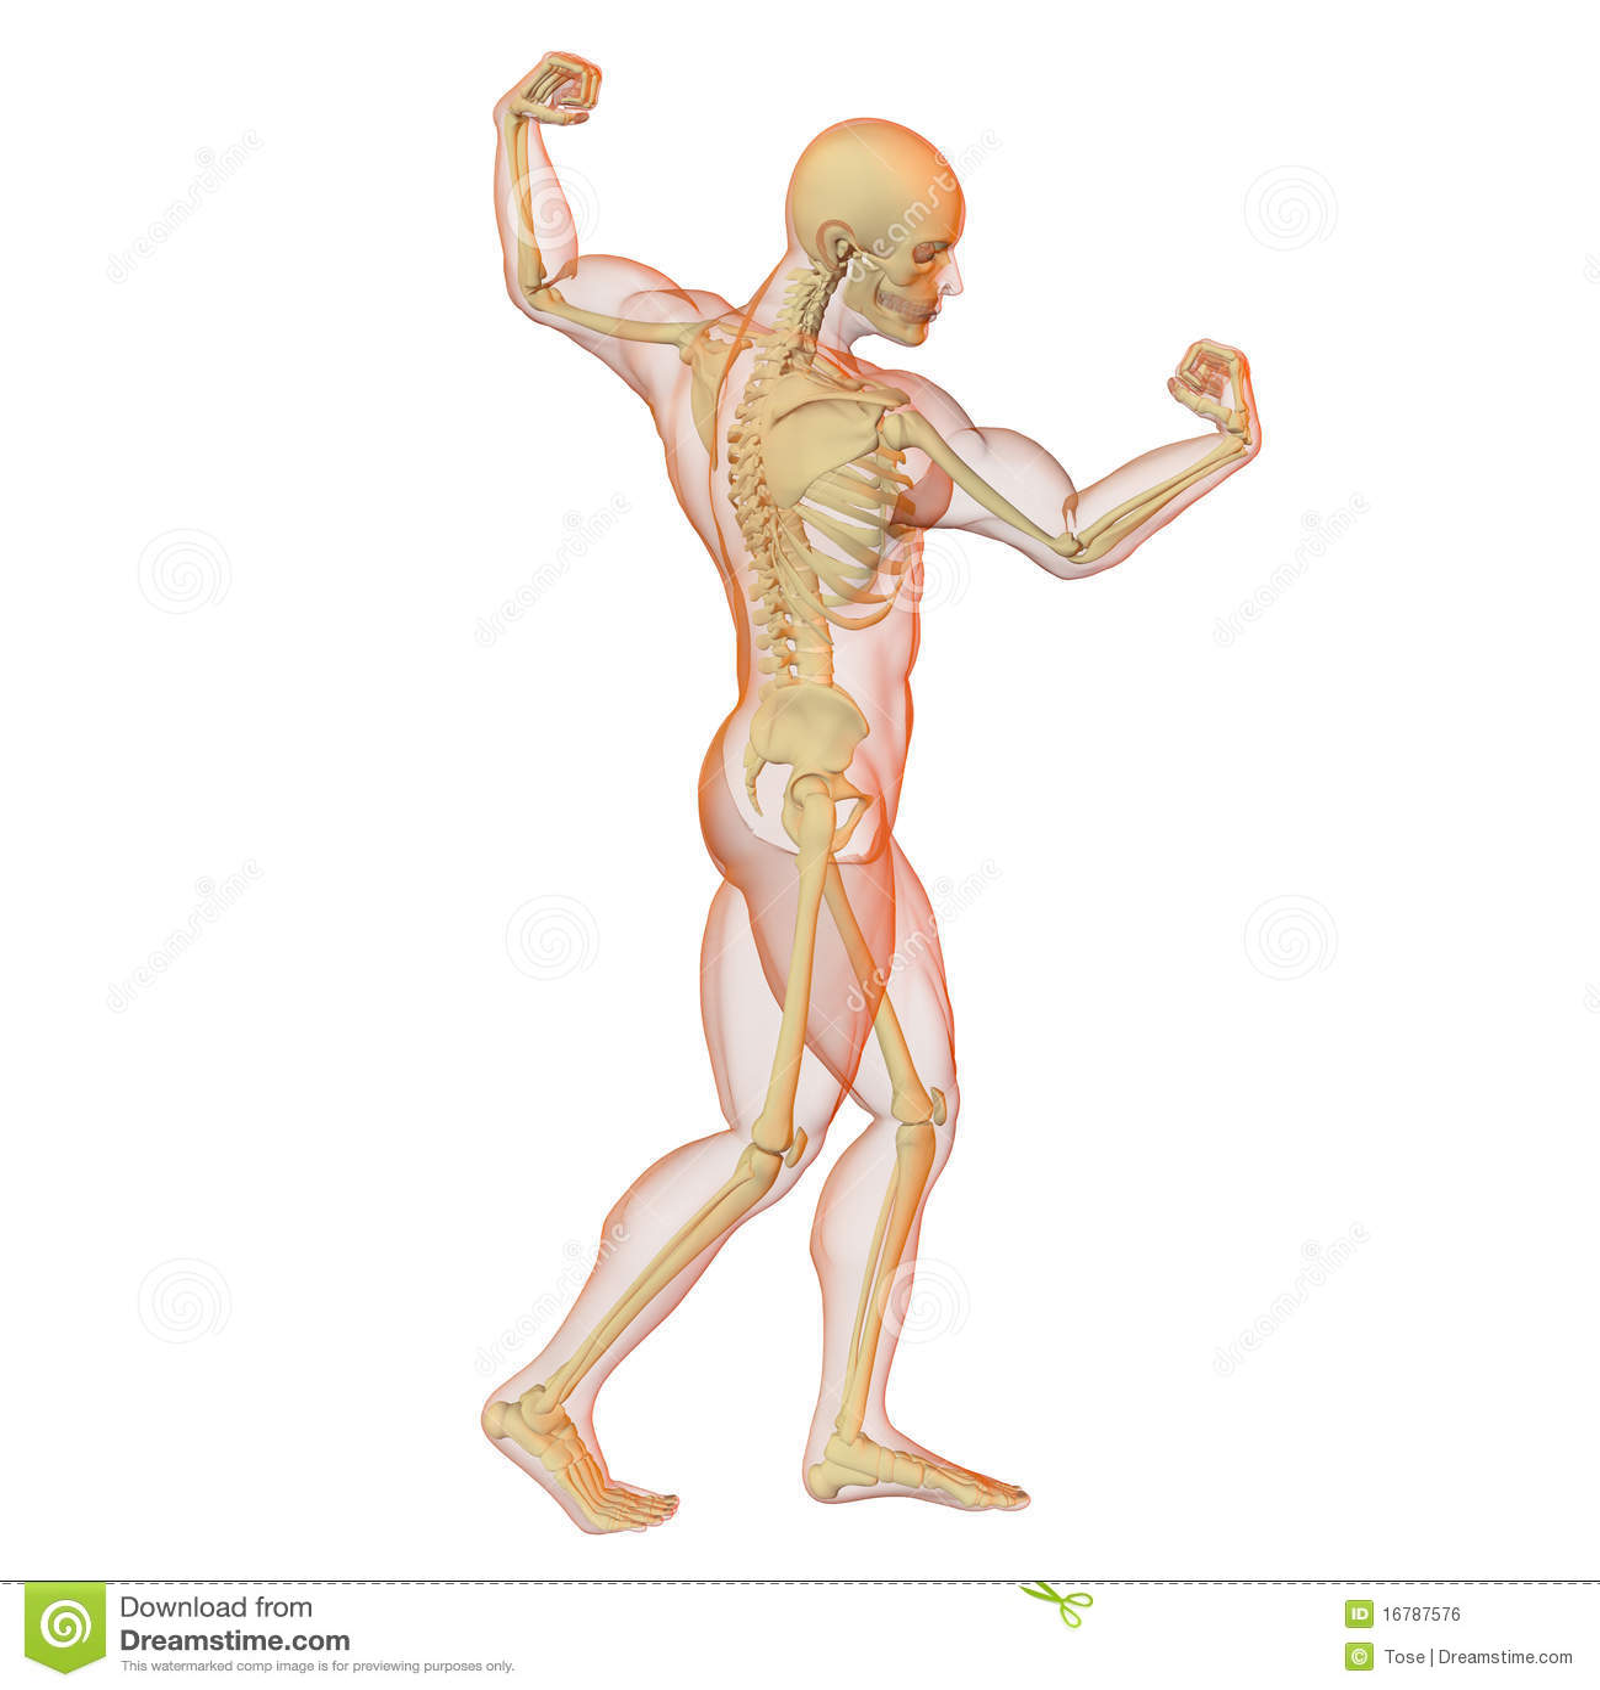 Wunderbar Skelett Bild Des Menschlichen Körpers Fotos - Physiologie ...